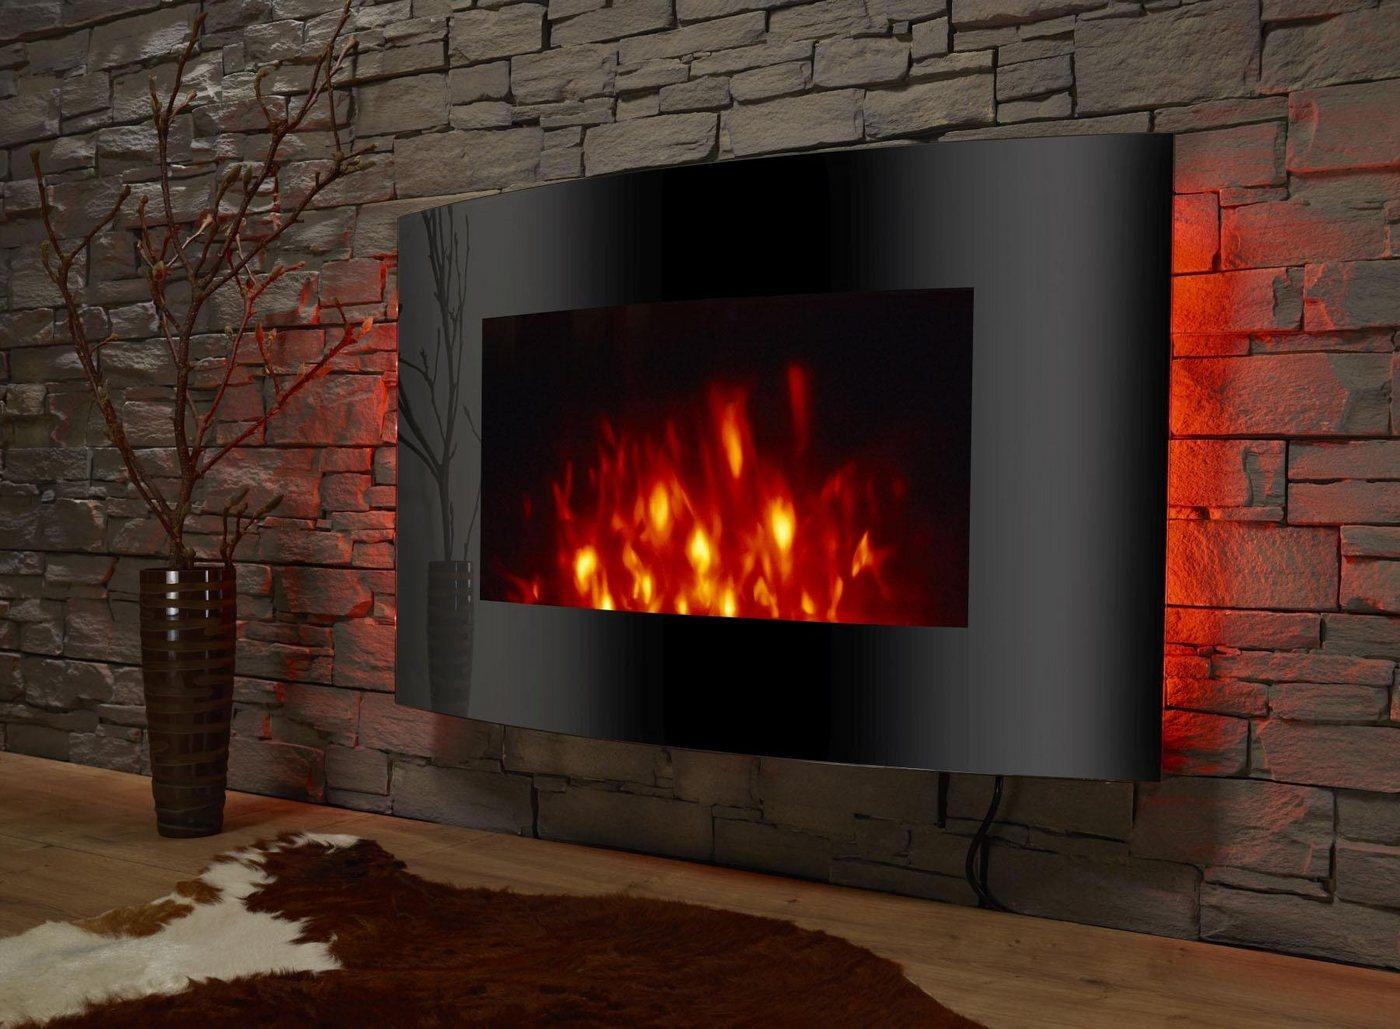 33 sparen el fuego elektrokamin z rich nur 199 99 cherry m bel otto. Black Bedroom Furniture Sets. Home Design Ideas